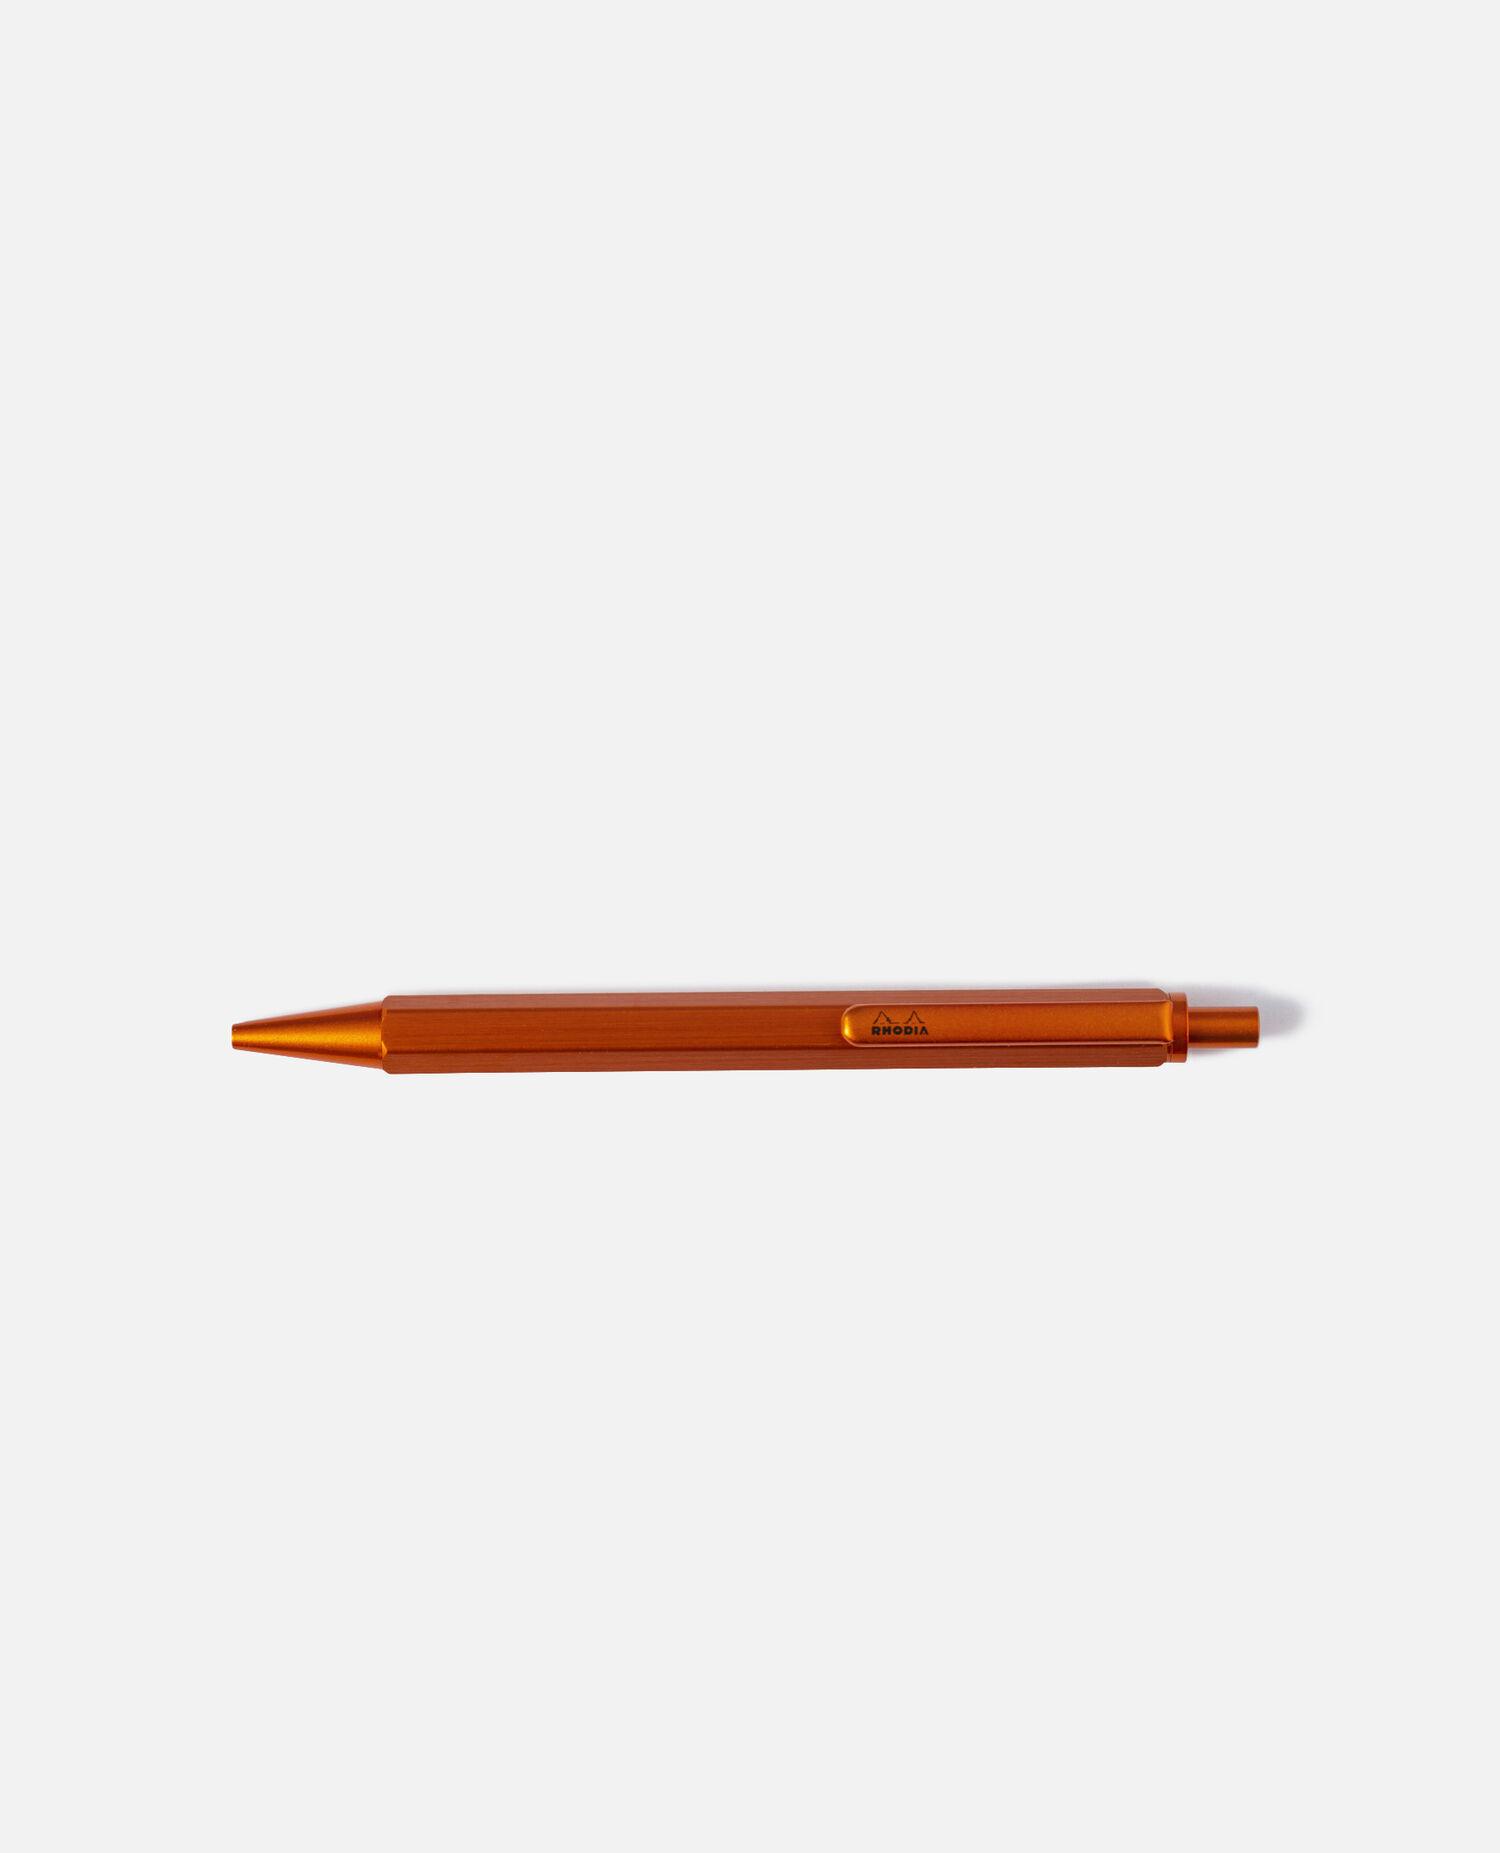 スクリプト ボールペン